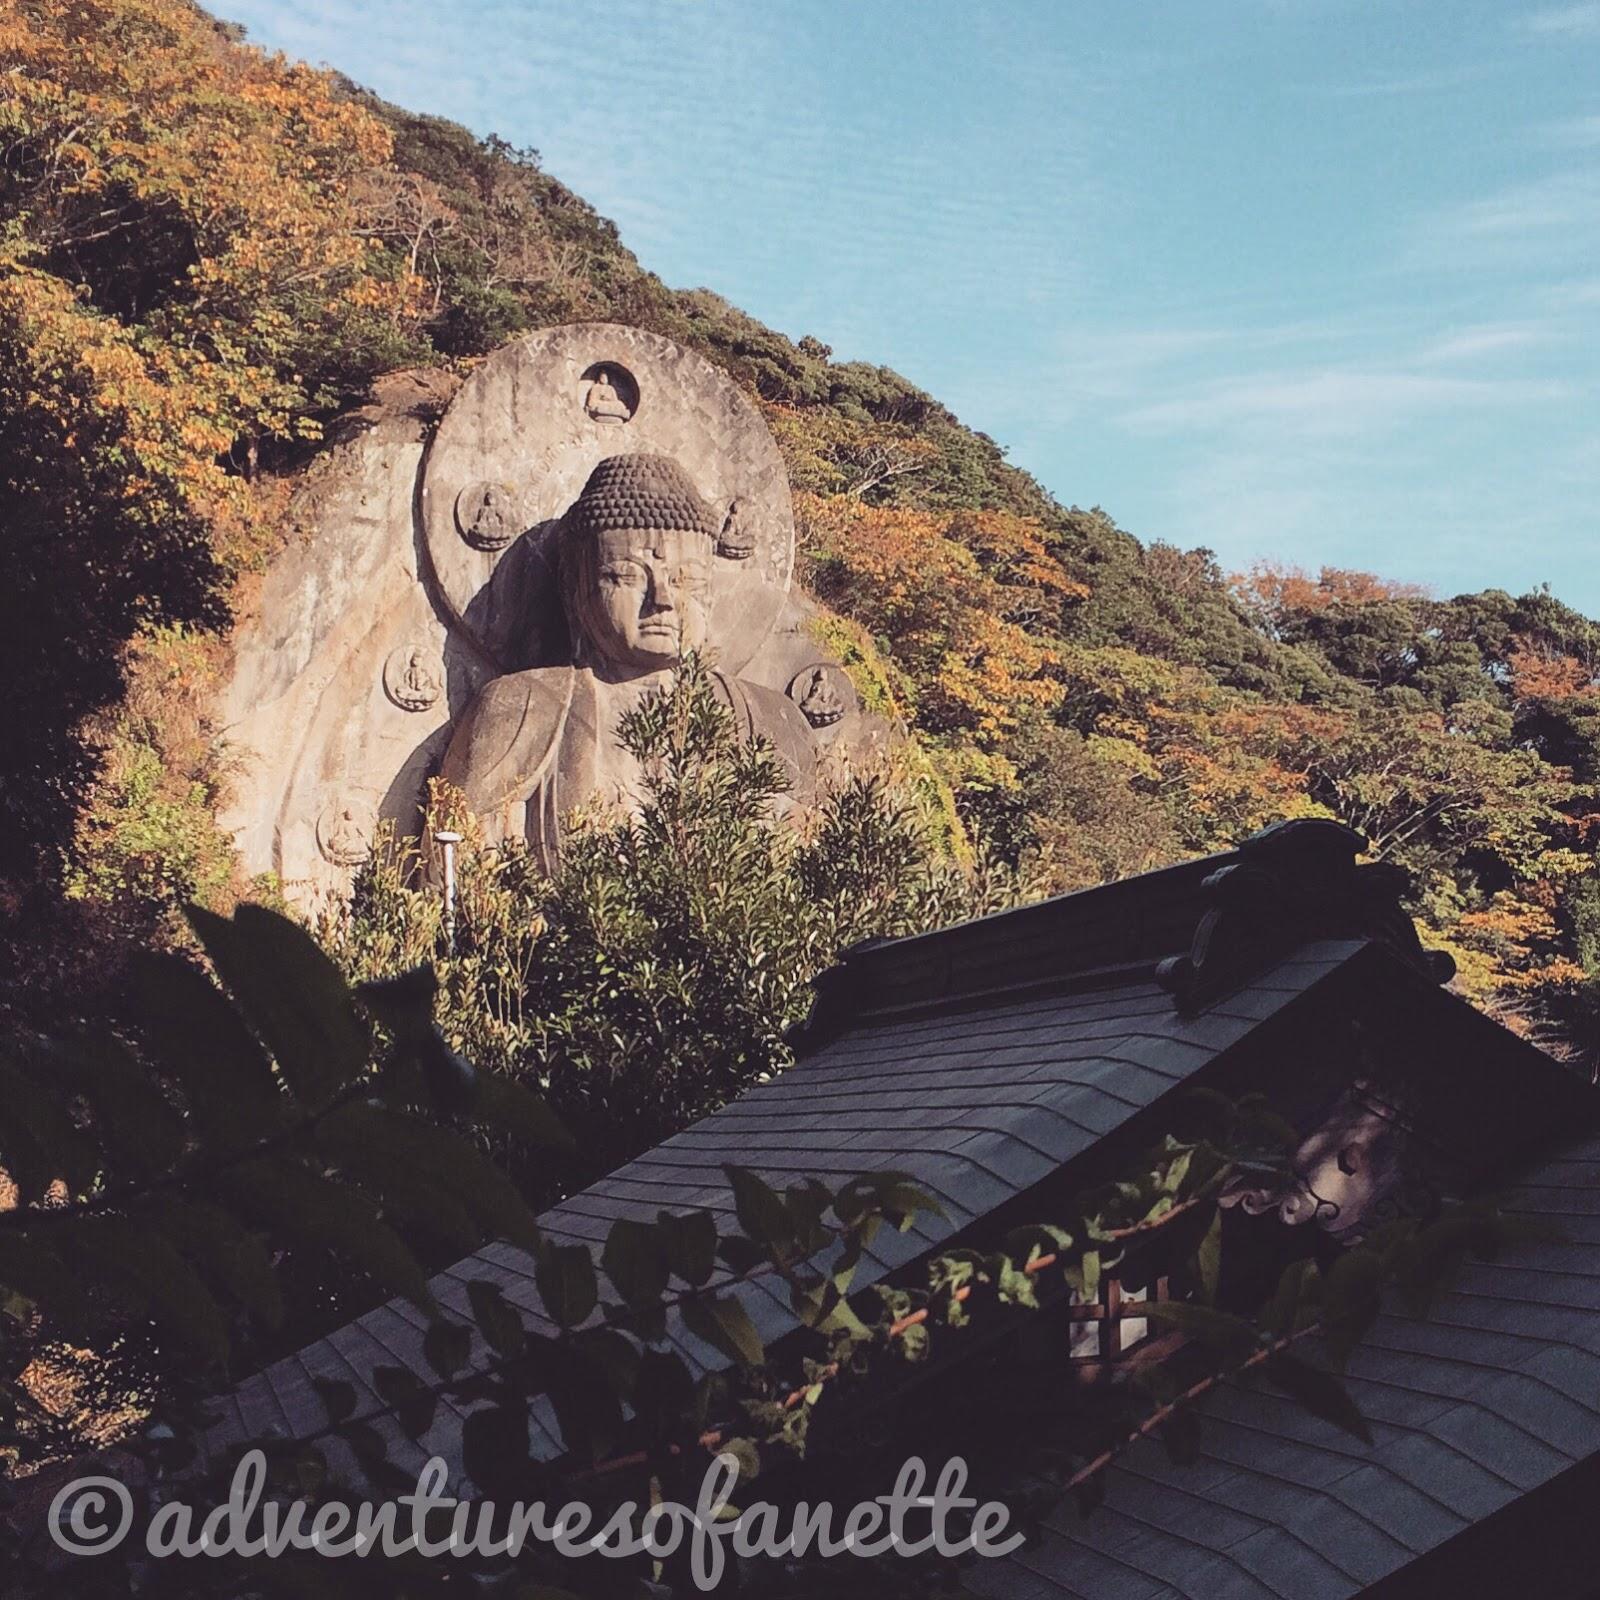 Hiking in Chiba: Mt. Nokogiri